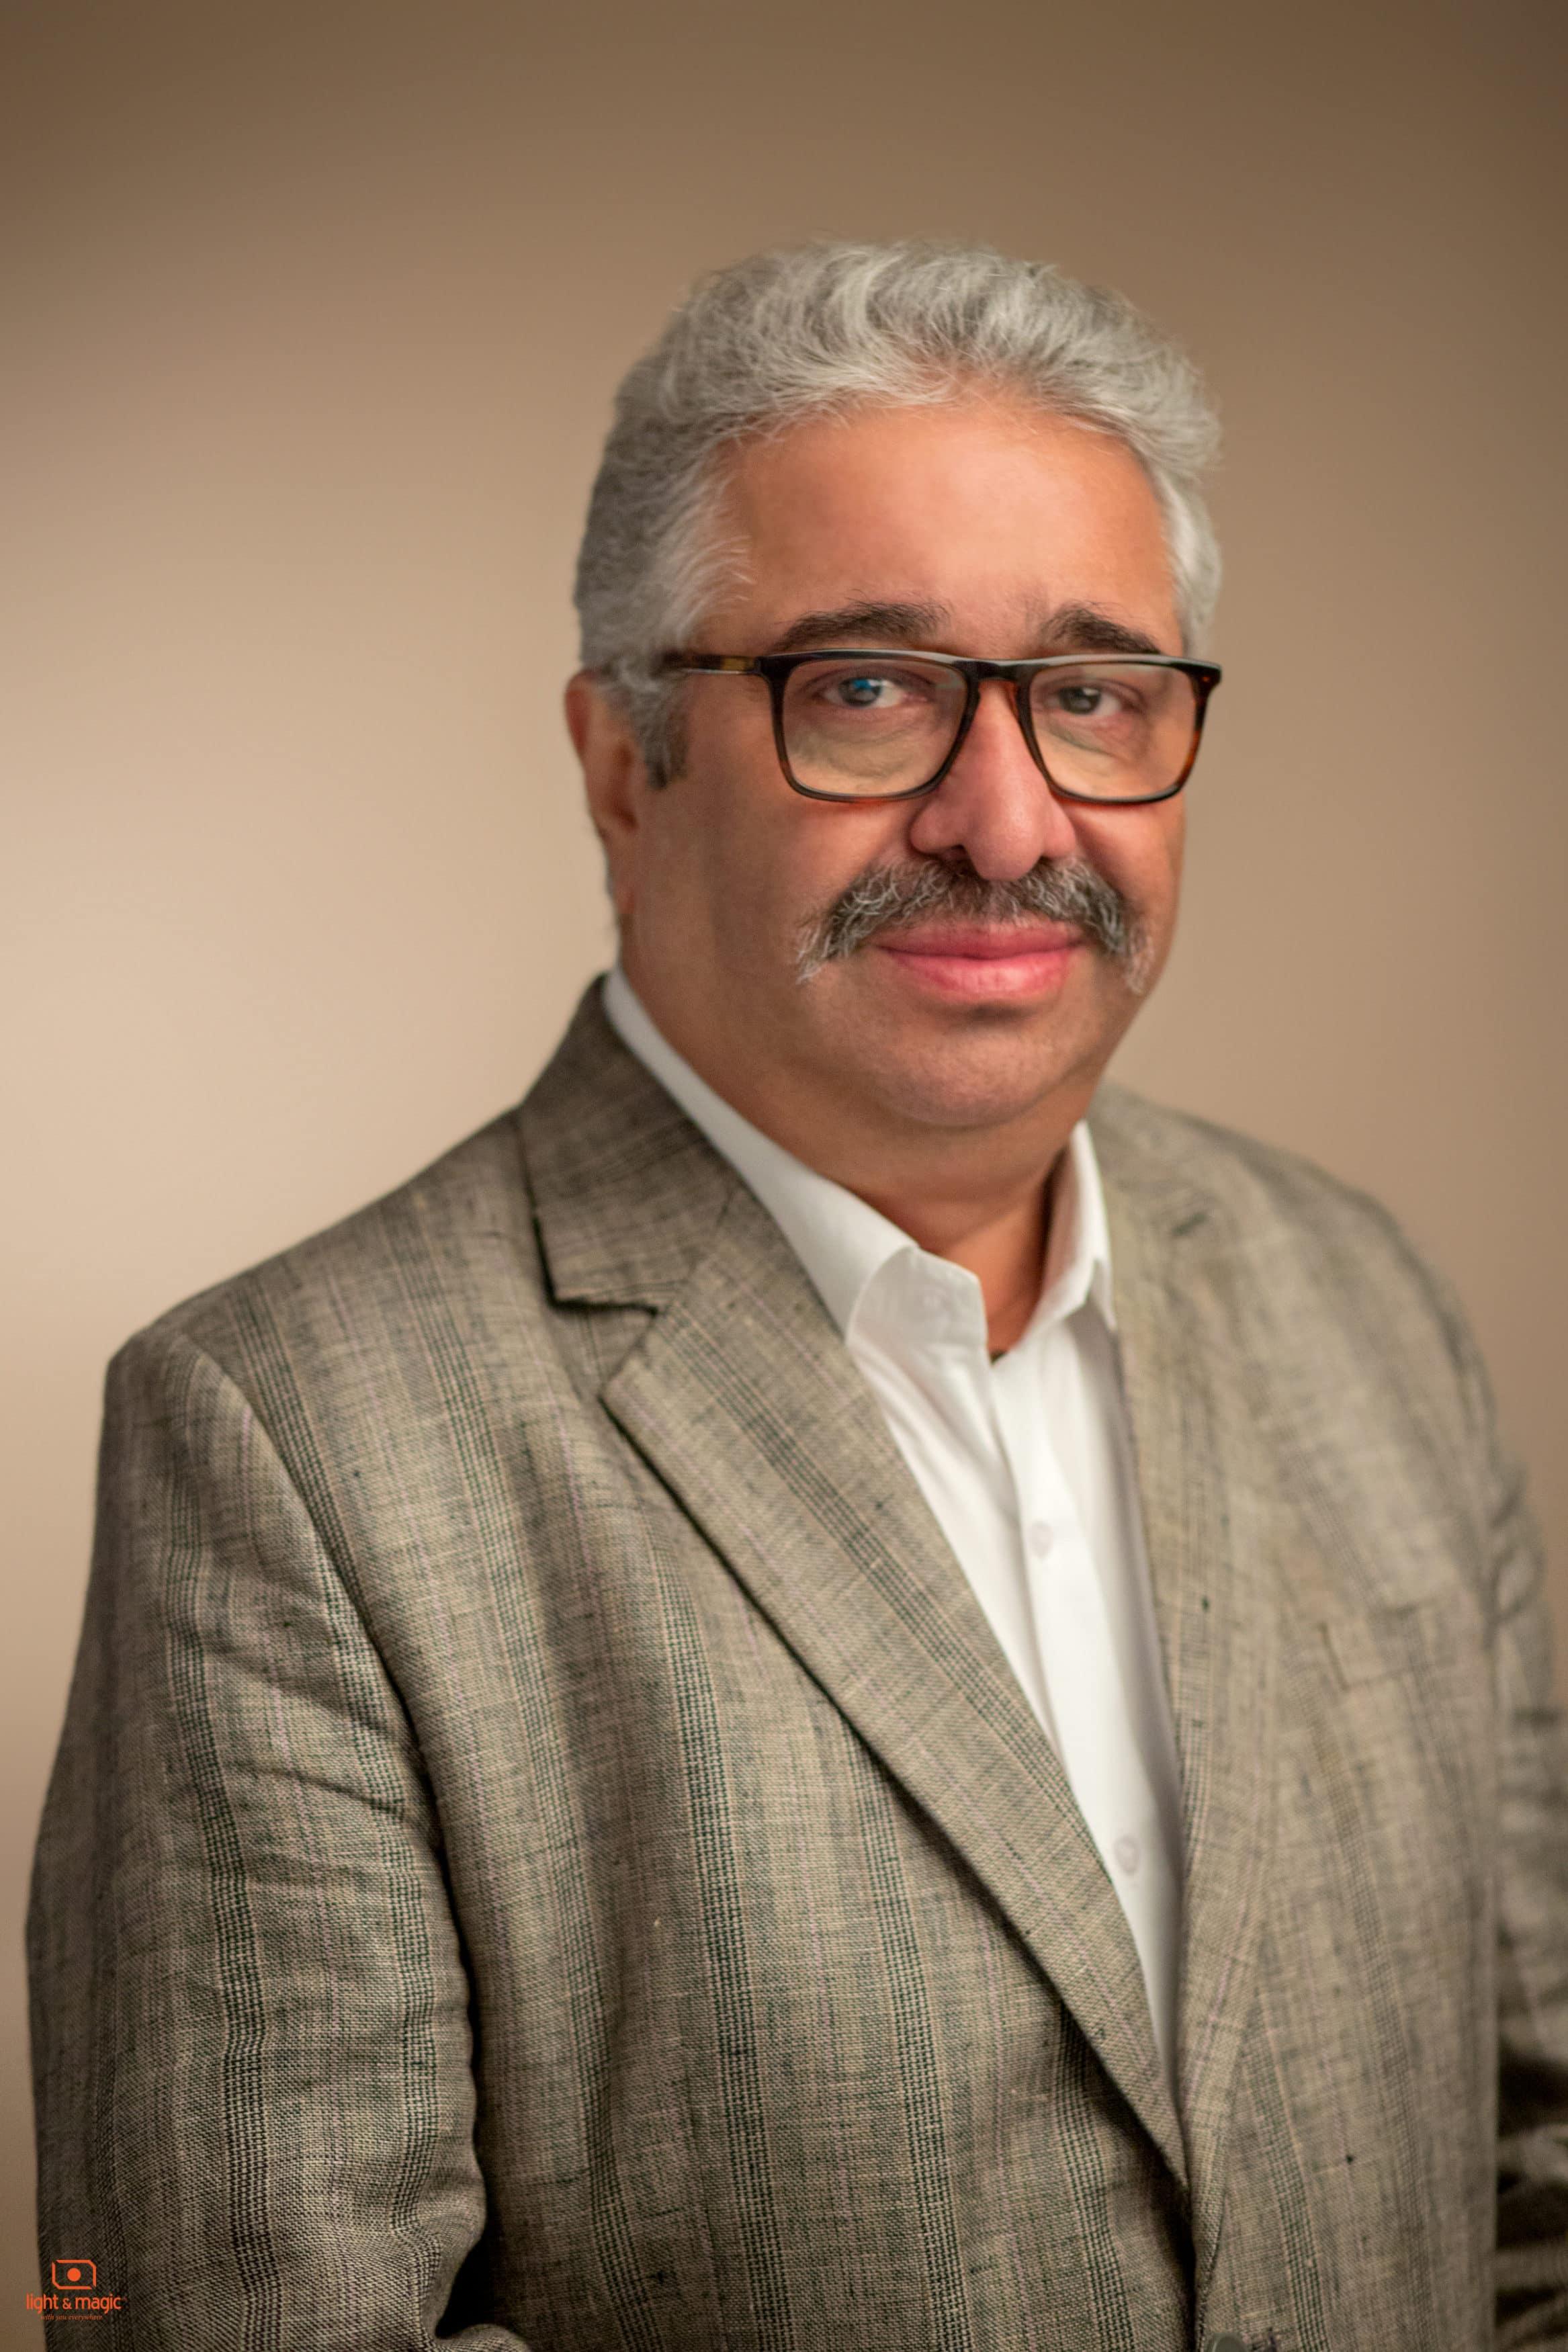 Image-Rajeev-Sehgal-Chairman-Xotik-Frujus-Pvt.-Ltd-MediaBrief-scaled.jpg